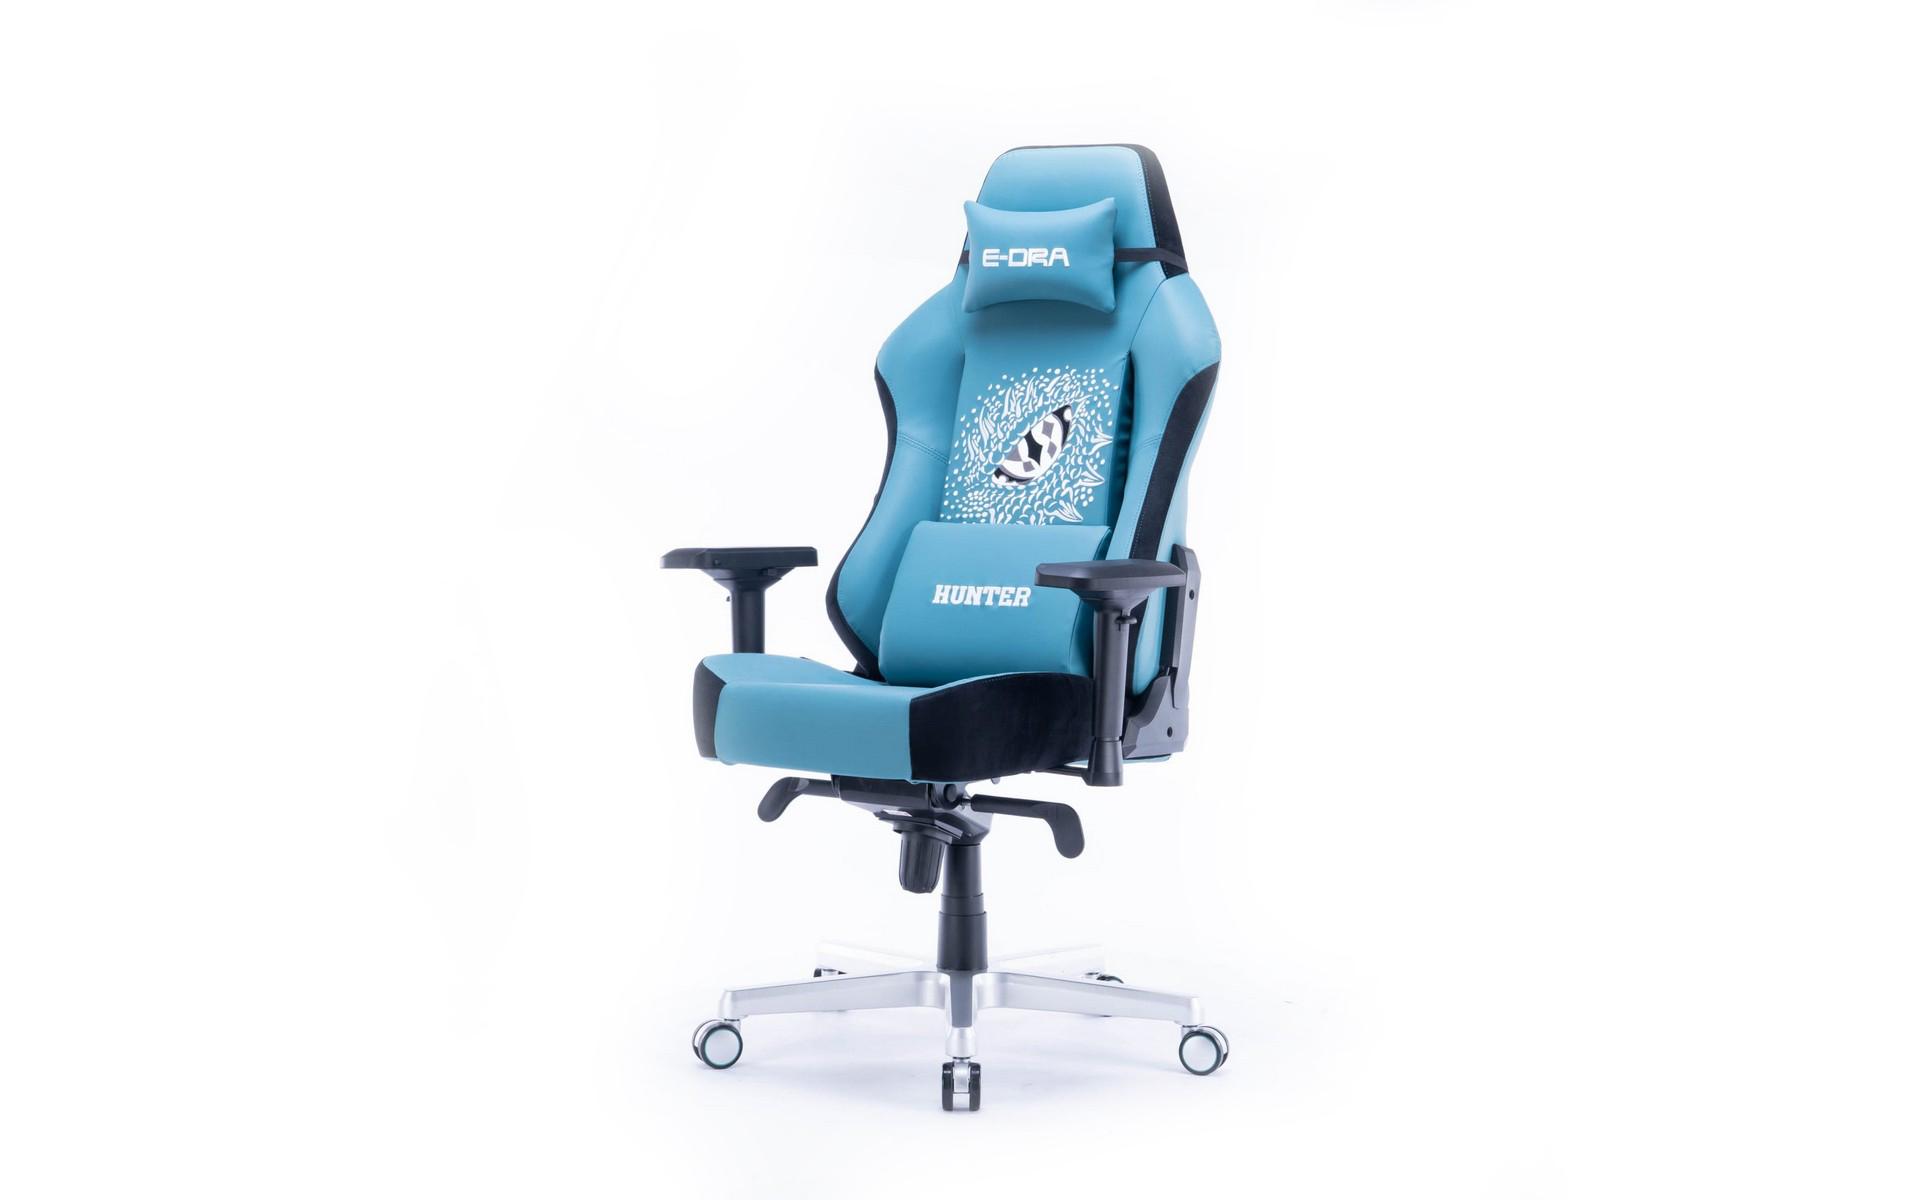 Ghế game E-DRA Hunter EGC206 Blue